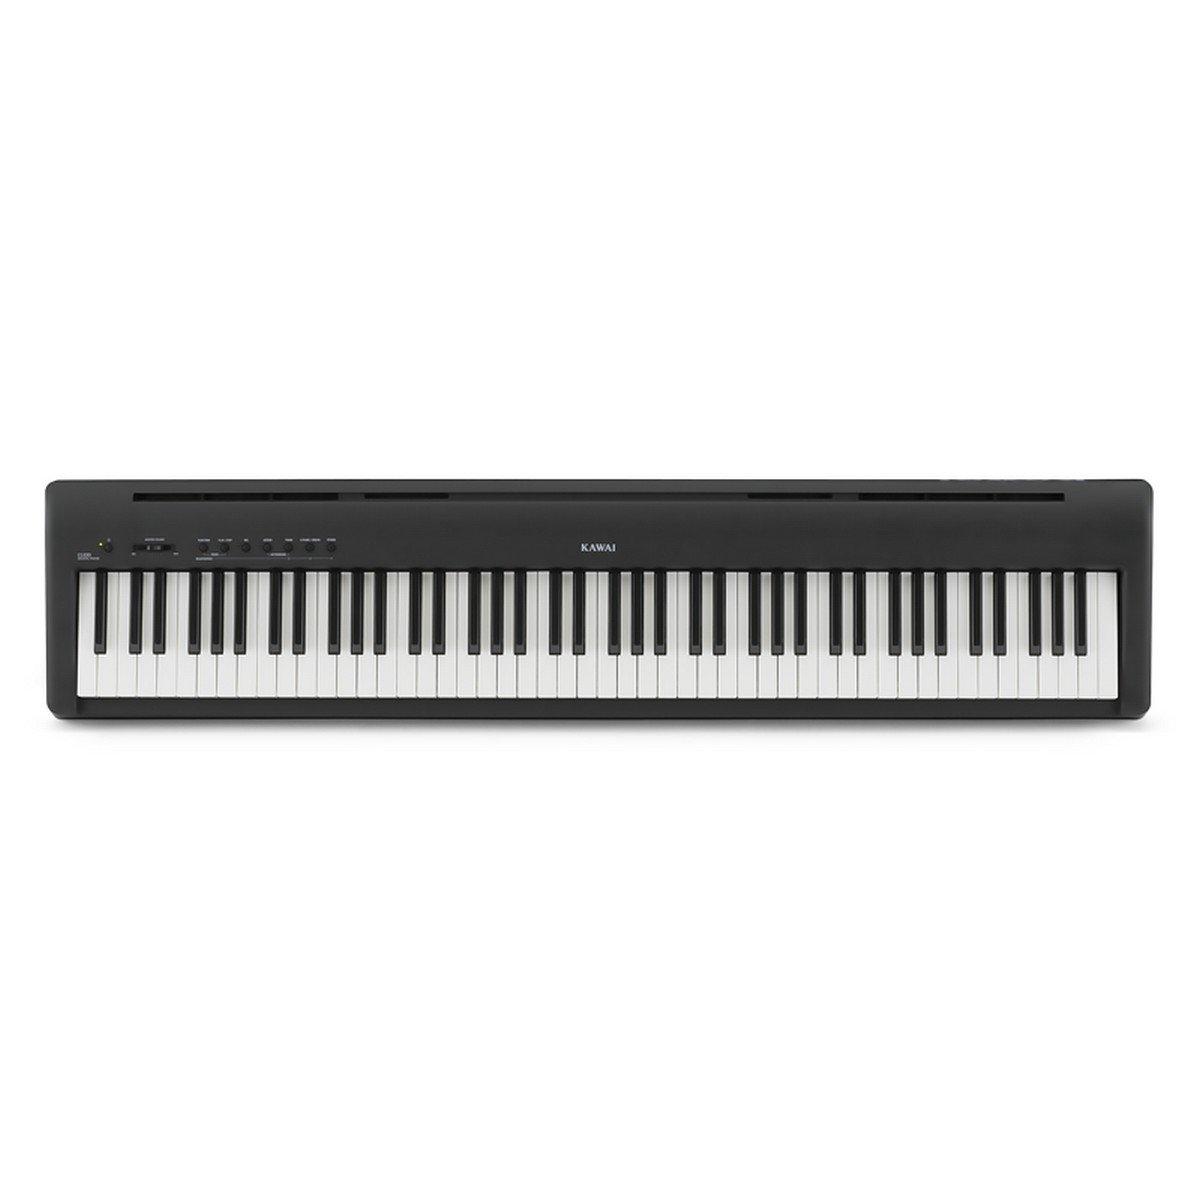 Kawai ES100 Digital Piano by Kawai